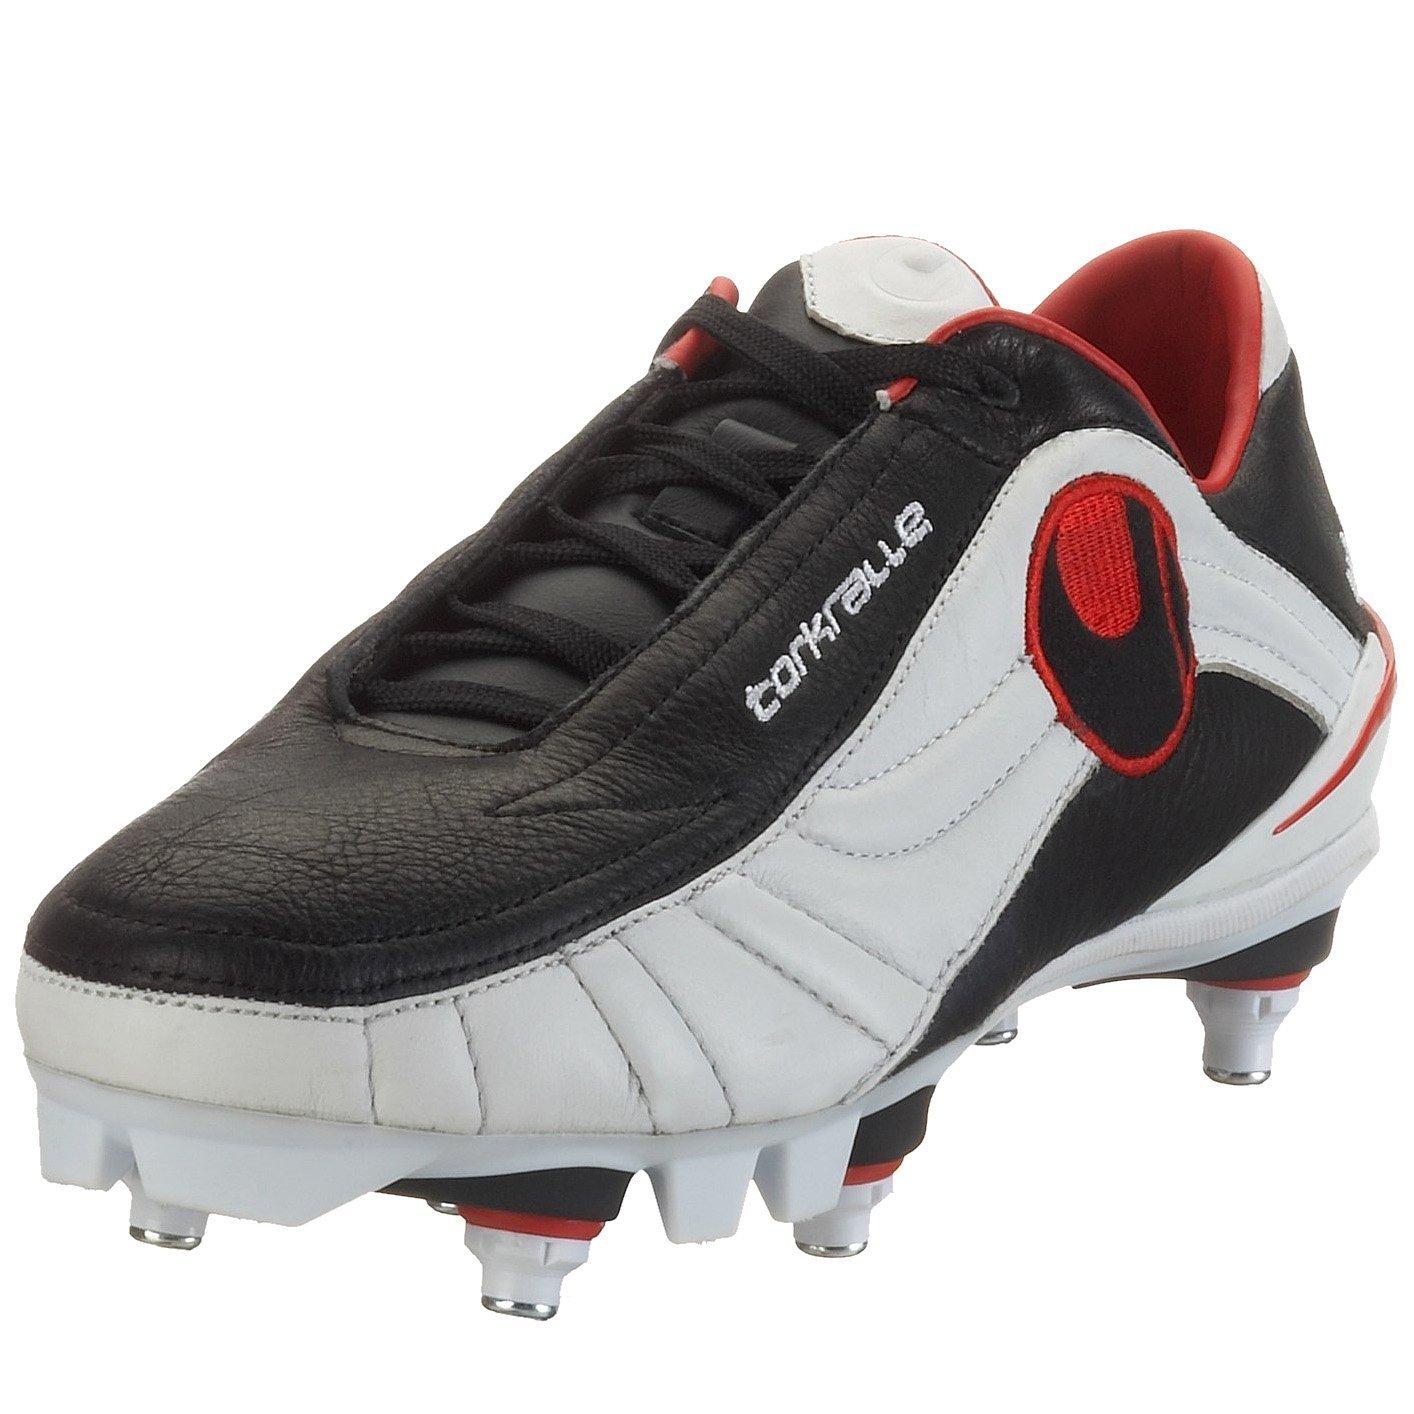 Uhlsport Torkralle SC 100820001, Unisex - Erwachsene Sportschuhe - Fußball